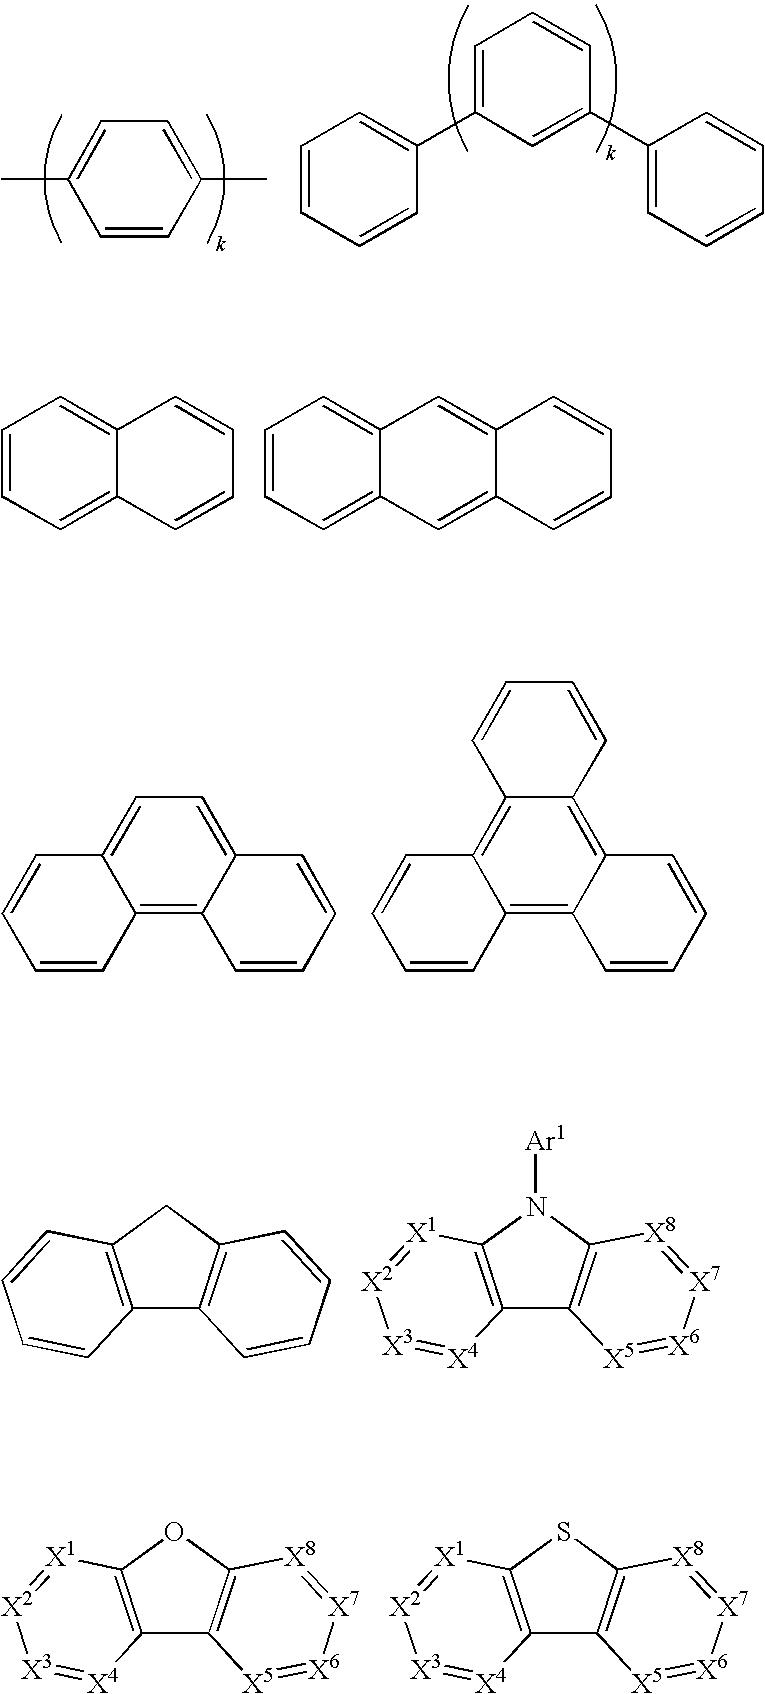 Figure US08586203-20131119-C00088